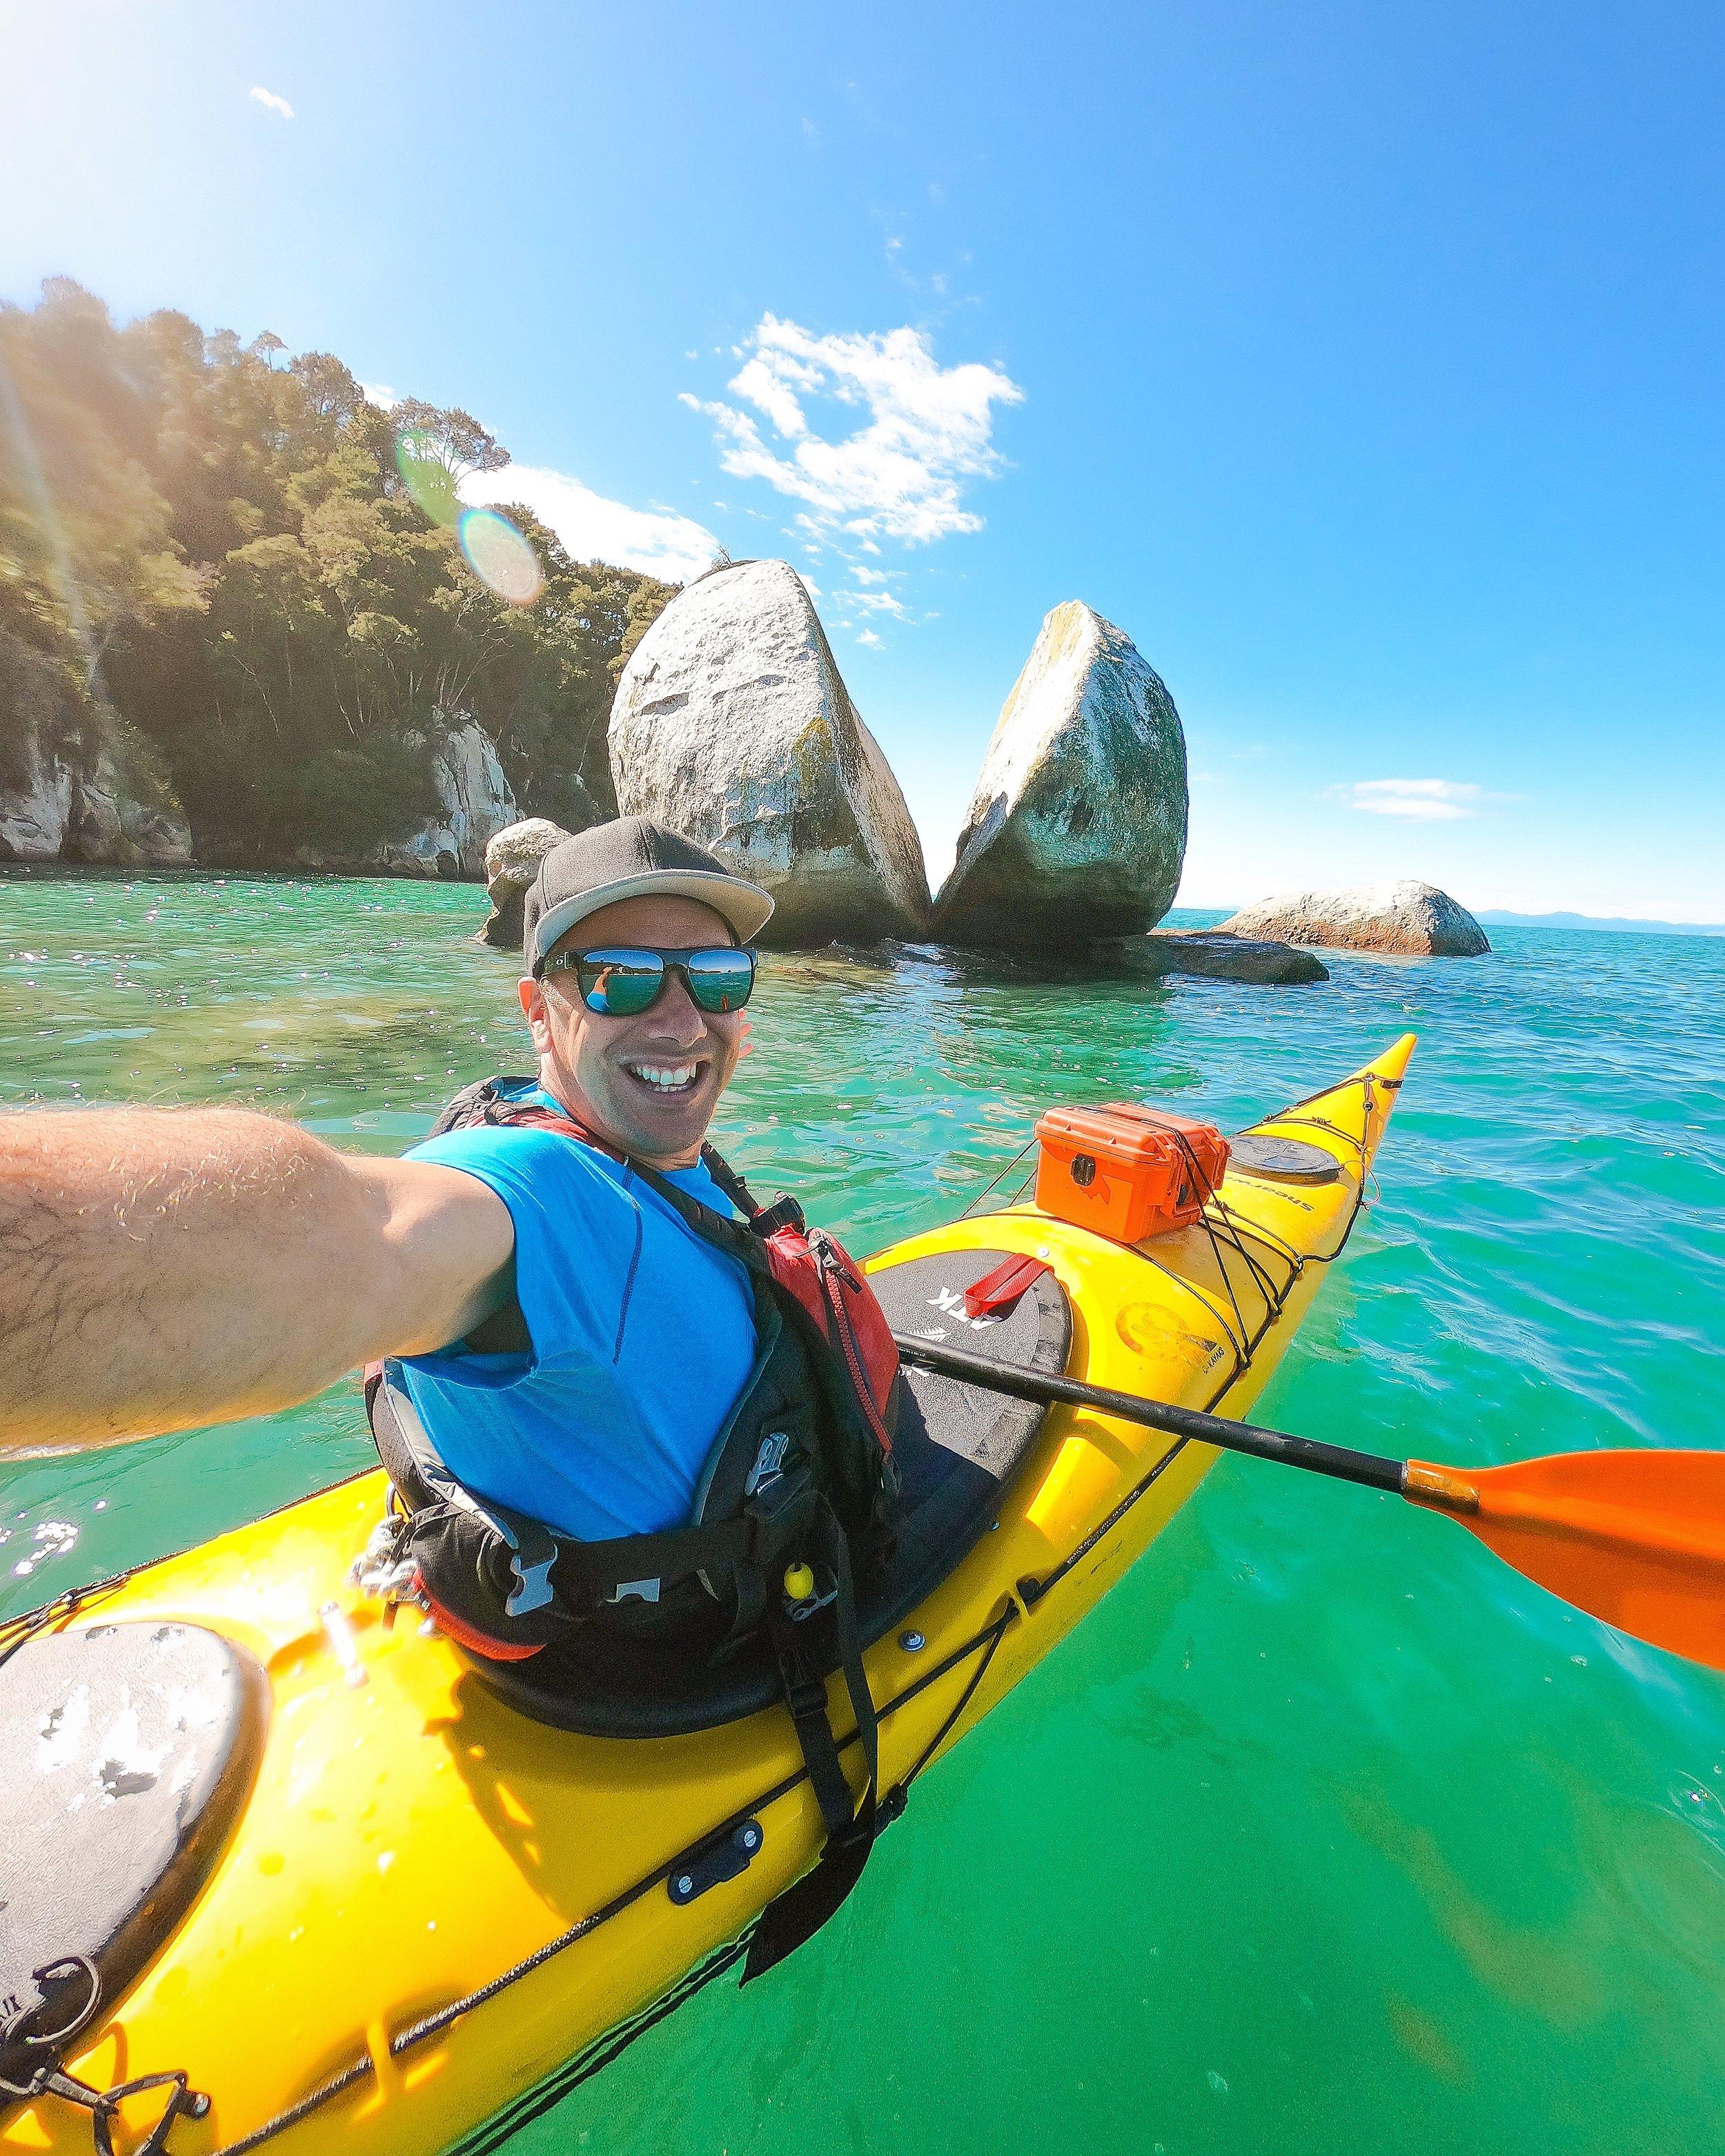 Kyle_Selfie_kayaking.JPG